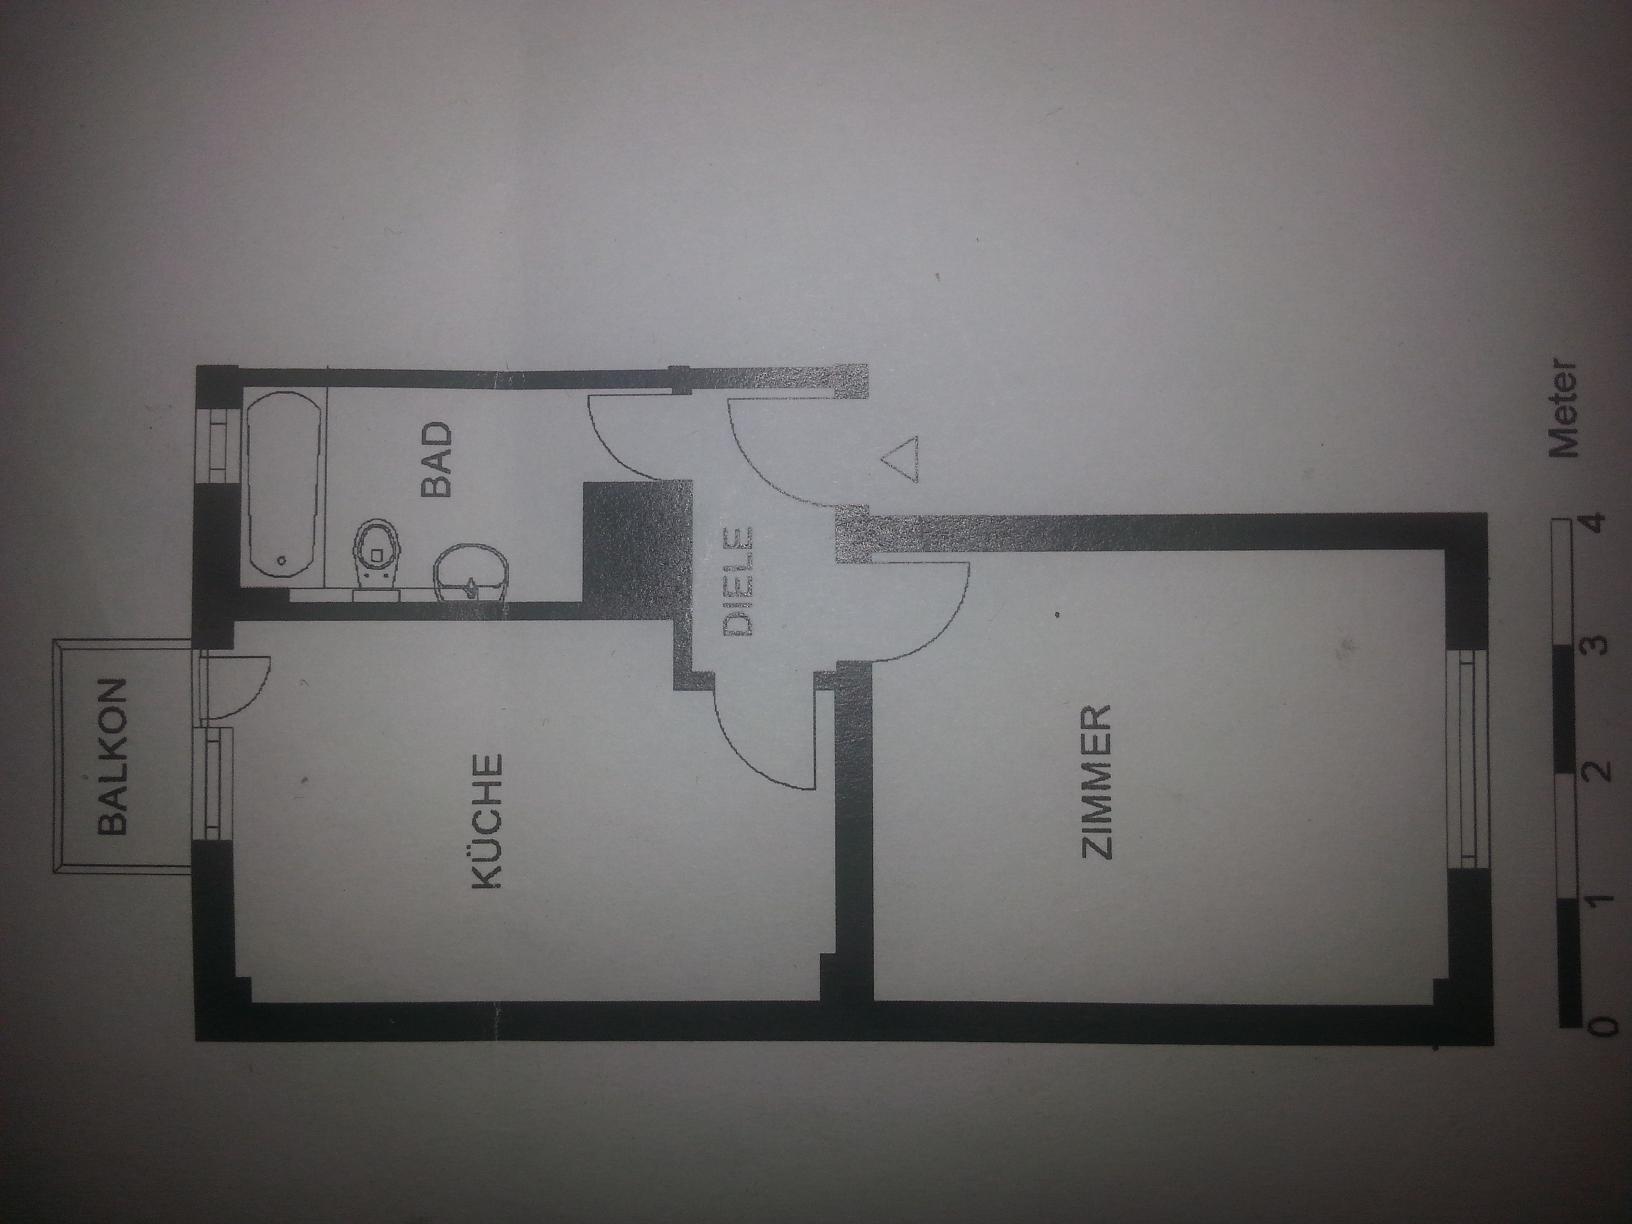 laminat wie am besten verlegen heimwerker forum. Black Bedroom Furniture Sets. Home Design Ideas